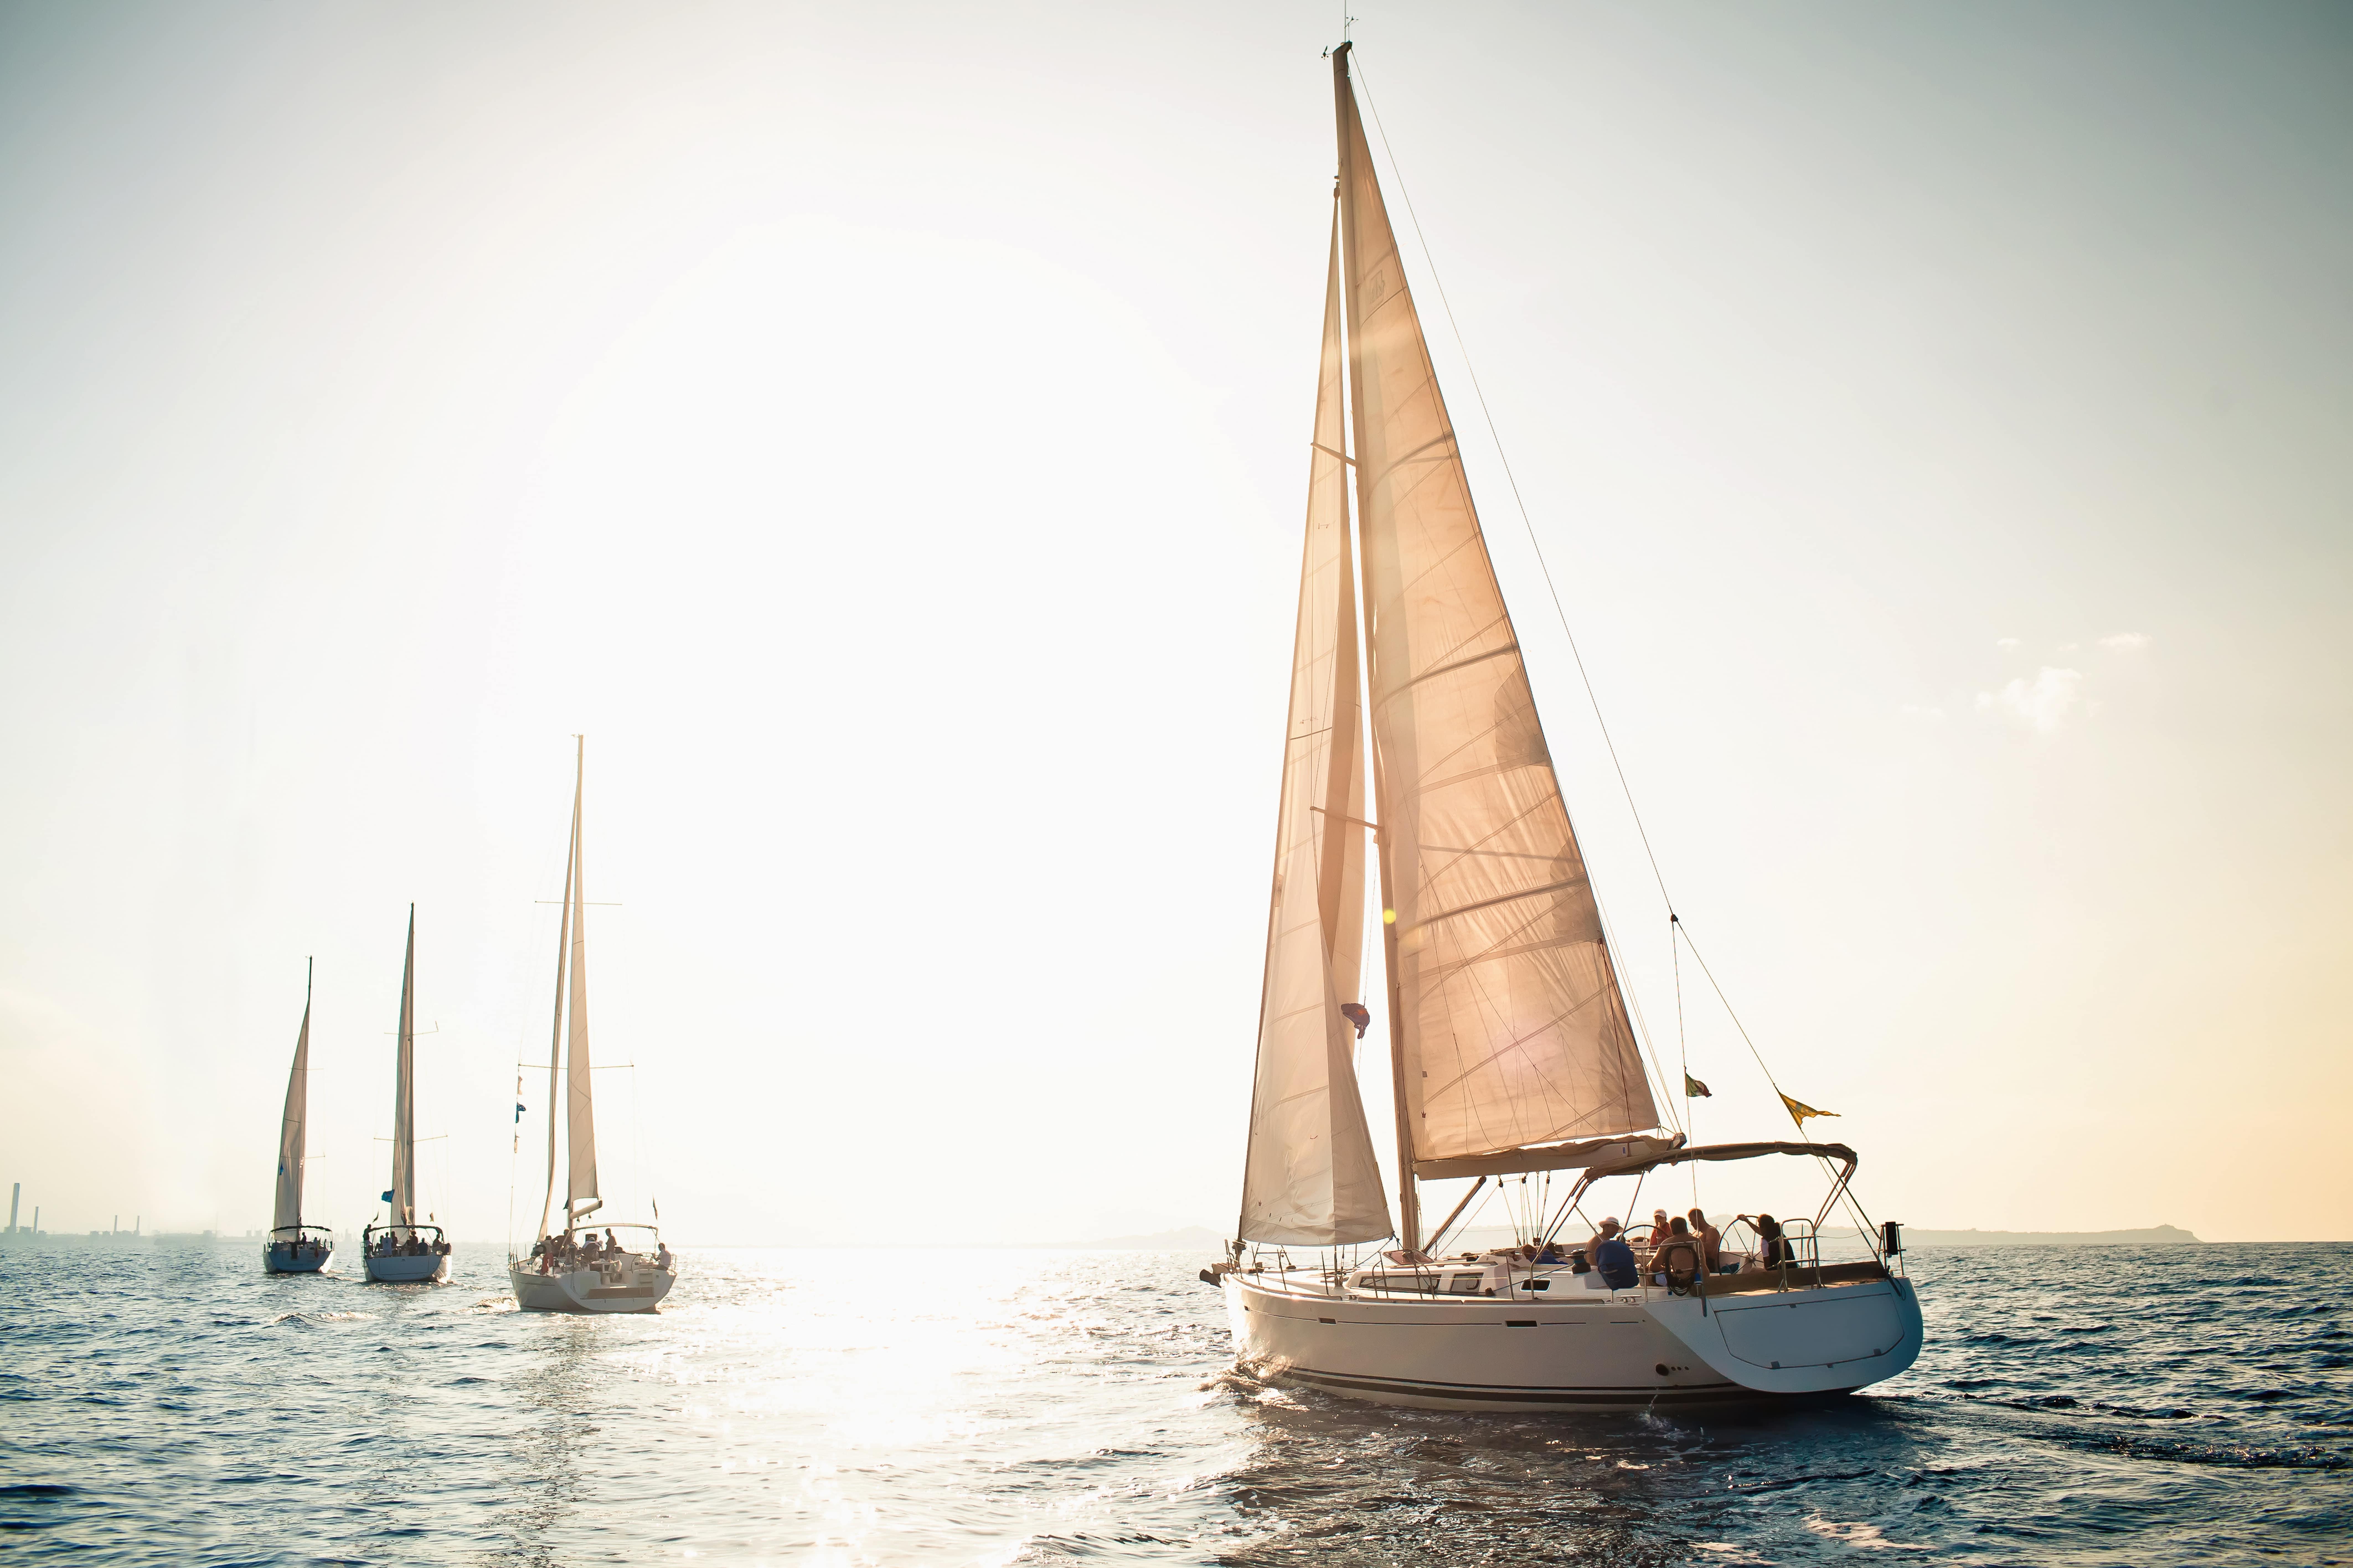 inpaklijst vakantie wat mee te nemen op vakantie eerste keer zeilen paklijst vakantie boot huren vakantie zeilvakantie vaarvakantie